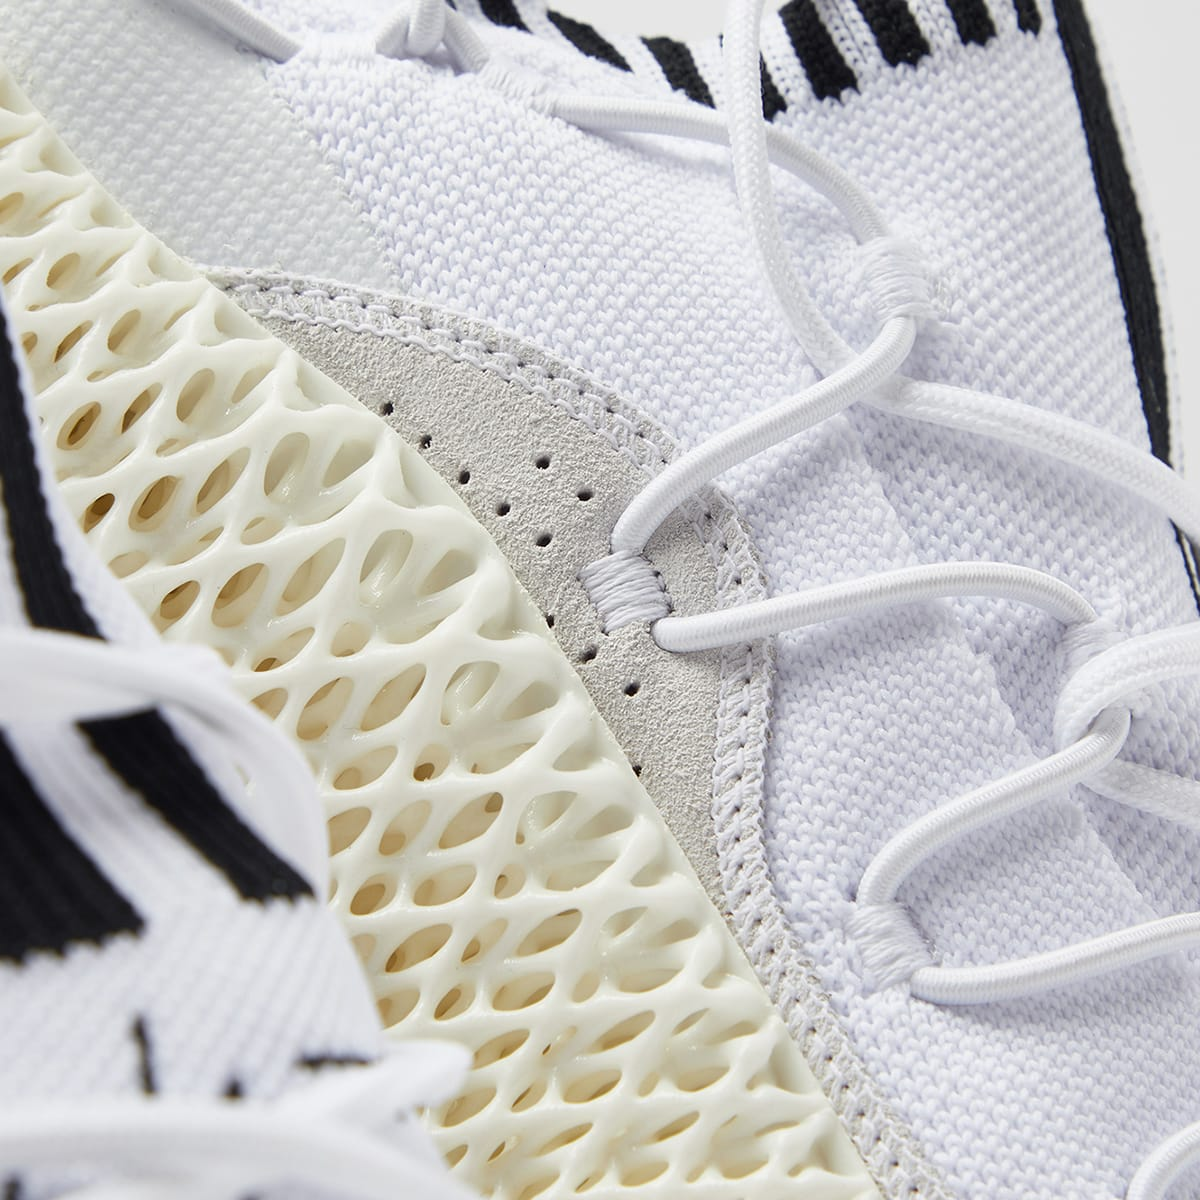 تولید کفش های آدیداس با تکنولوژِ پرینت سه بعدی